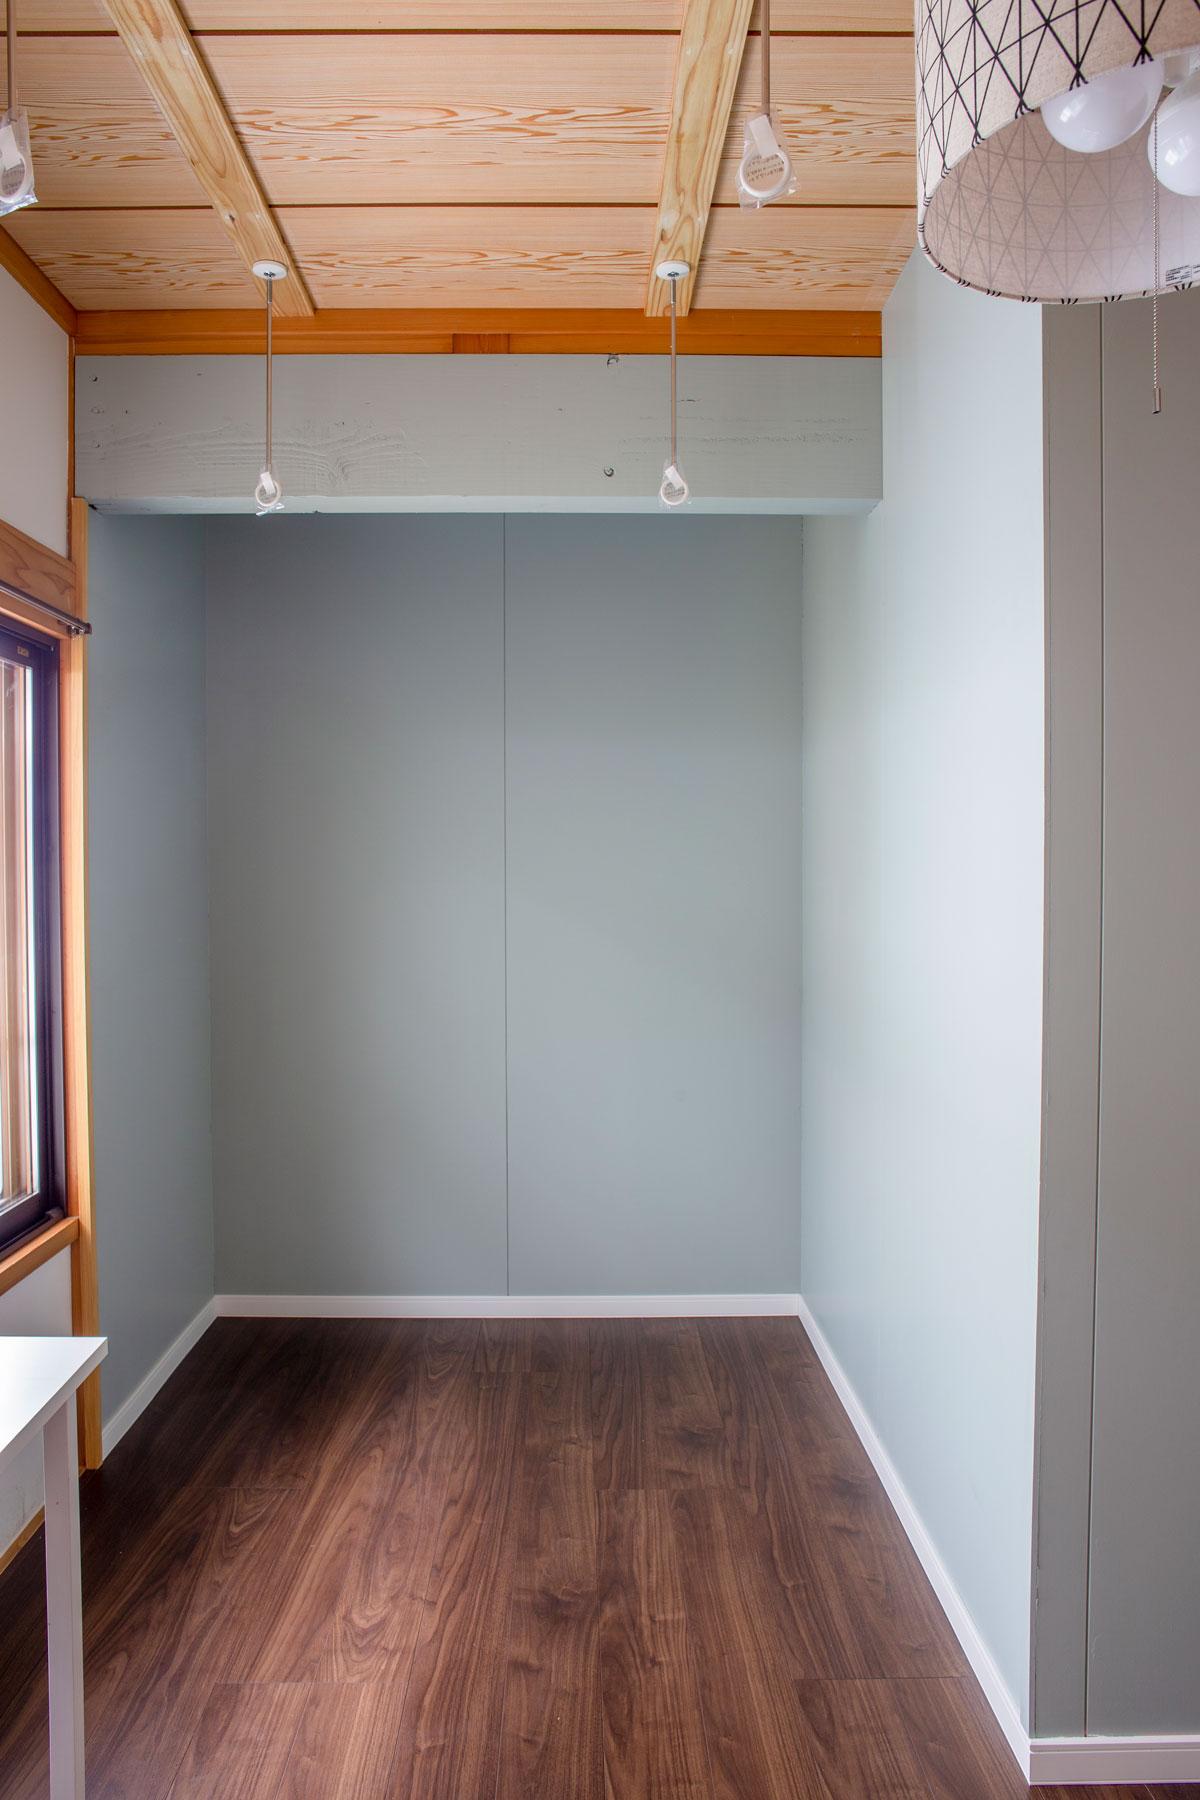 物干しスペース。大好きなネコと暮らす、キャットウォークや専用ドアを設けたノベーションのお家。ウッドデッキやDIYのペイント、収納やディスプレイに活躍するパンチングボードも活用しています。(遊佐町)【酒田鶴岡で新築、デザイン住宅、リノベーションの工務店 ナチュラル工房伊藤住宅】